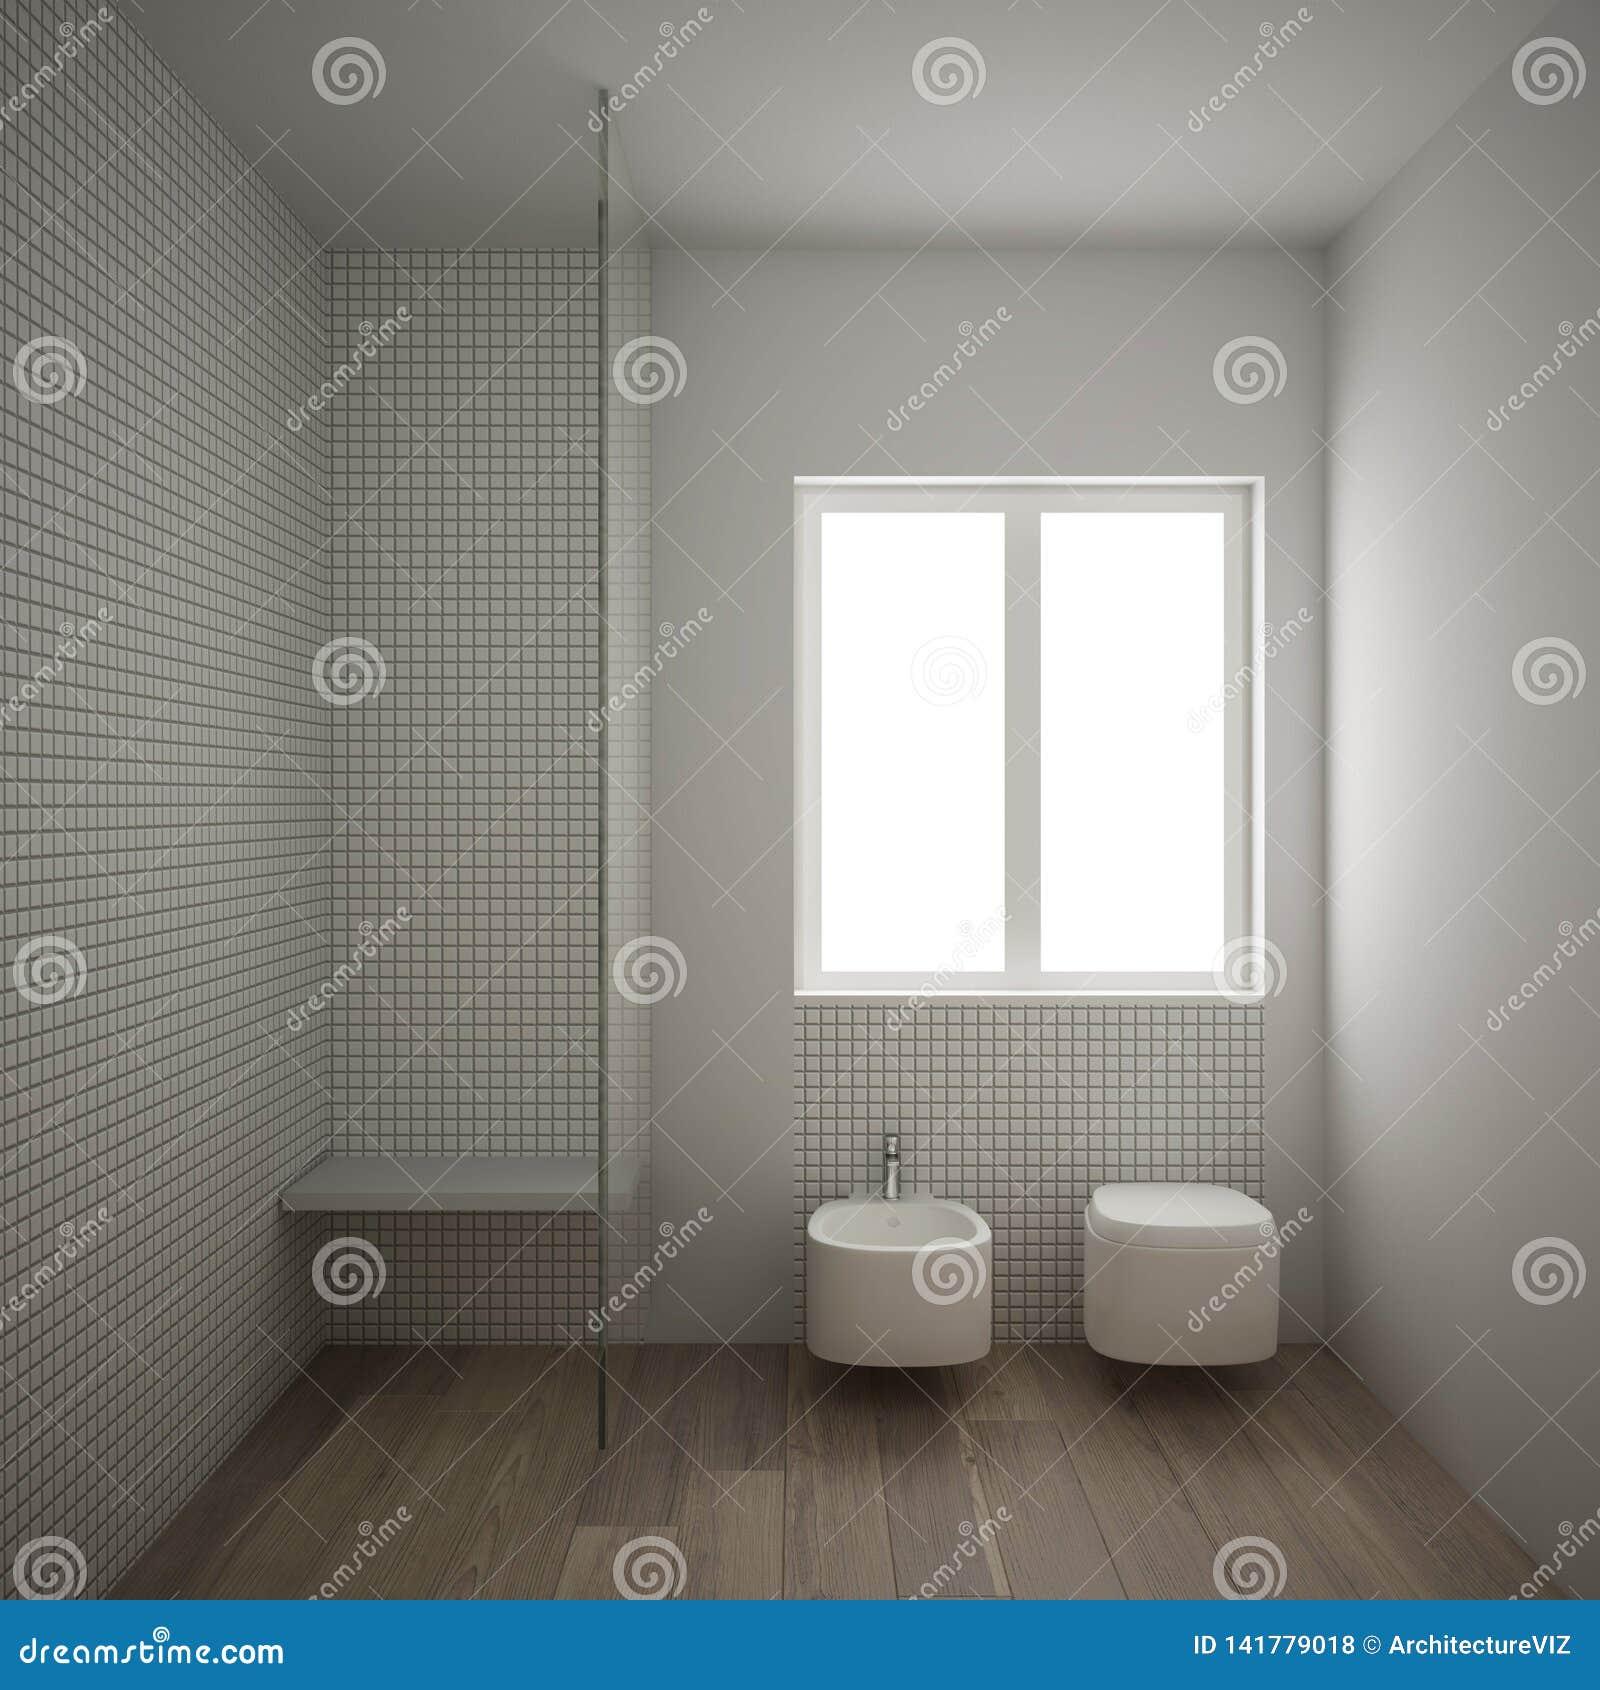 Minimalist Bathroom Images: Modern Minimalist Bathroom With Parquet Oak Wood Floor And